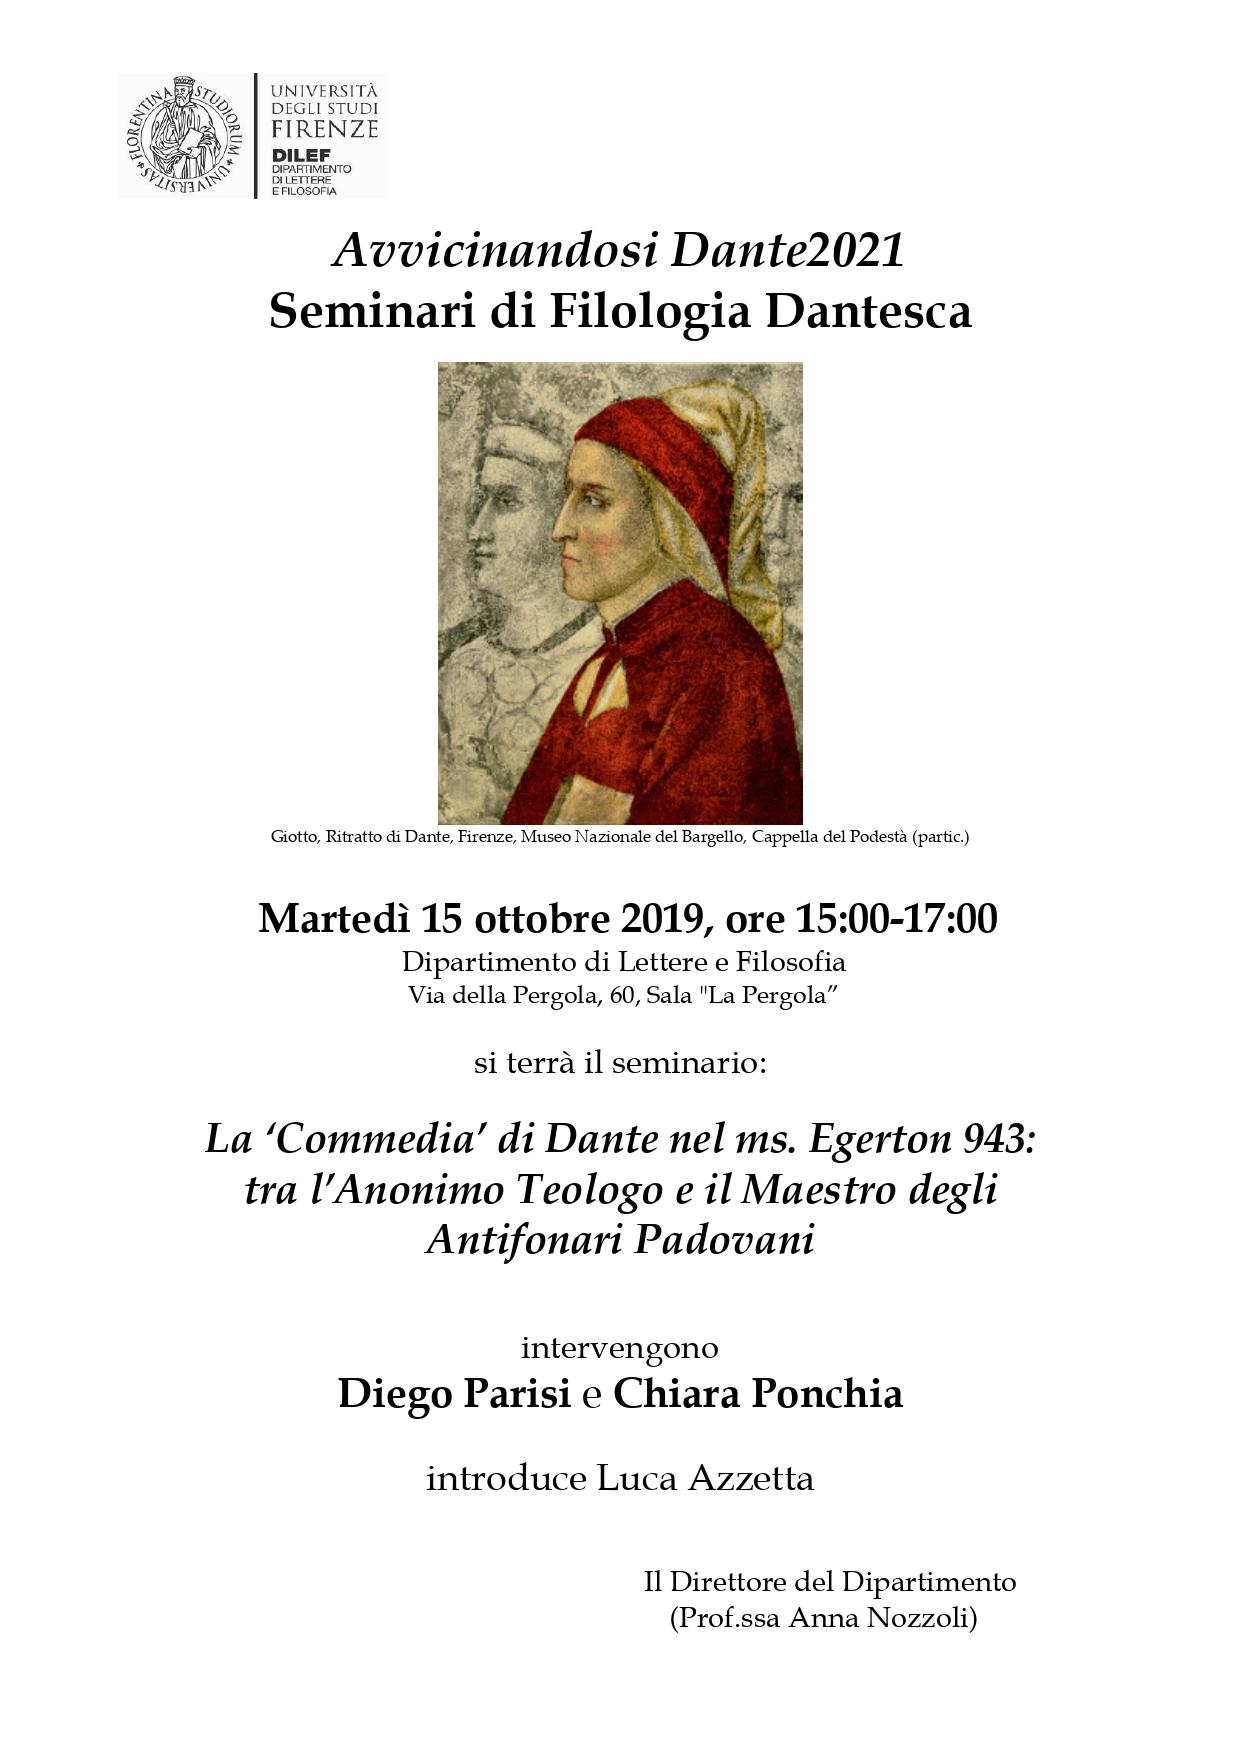 Avvicinandosi Dante2021 - Sem. Dant. - 03-2019_page-0001